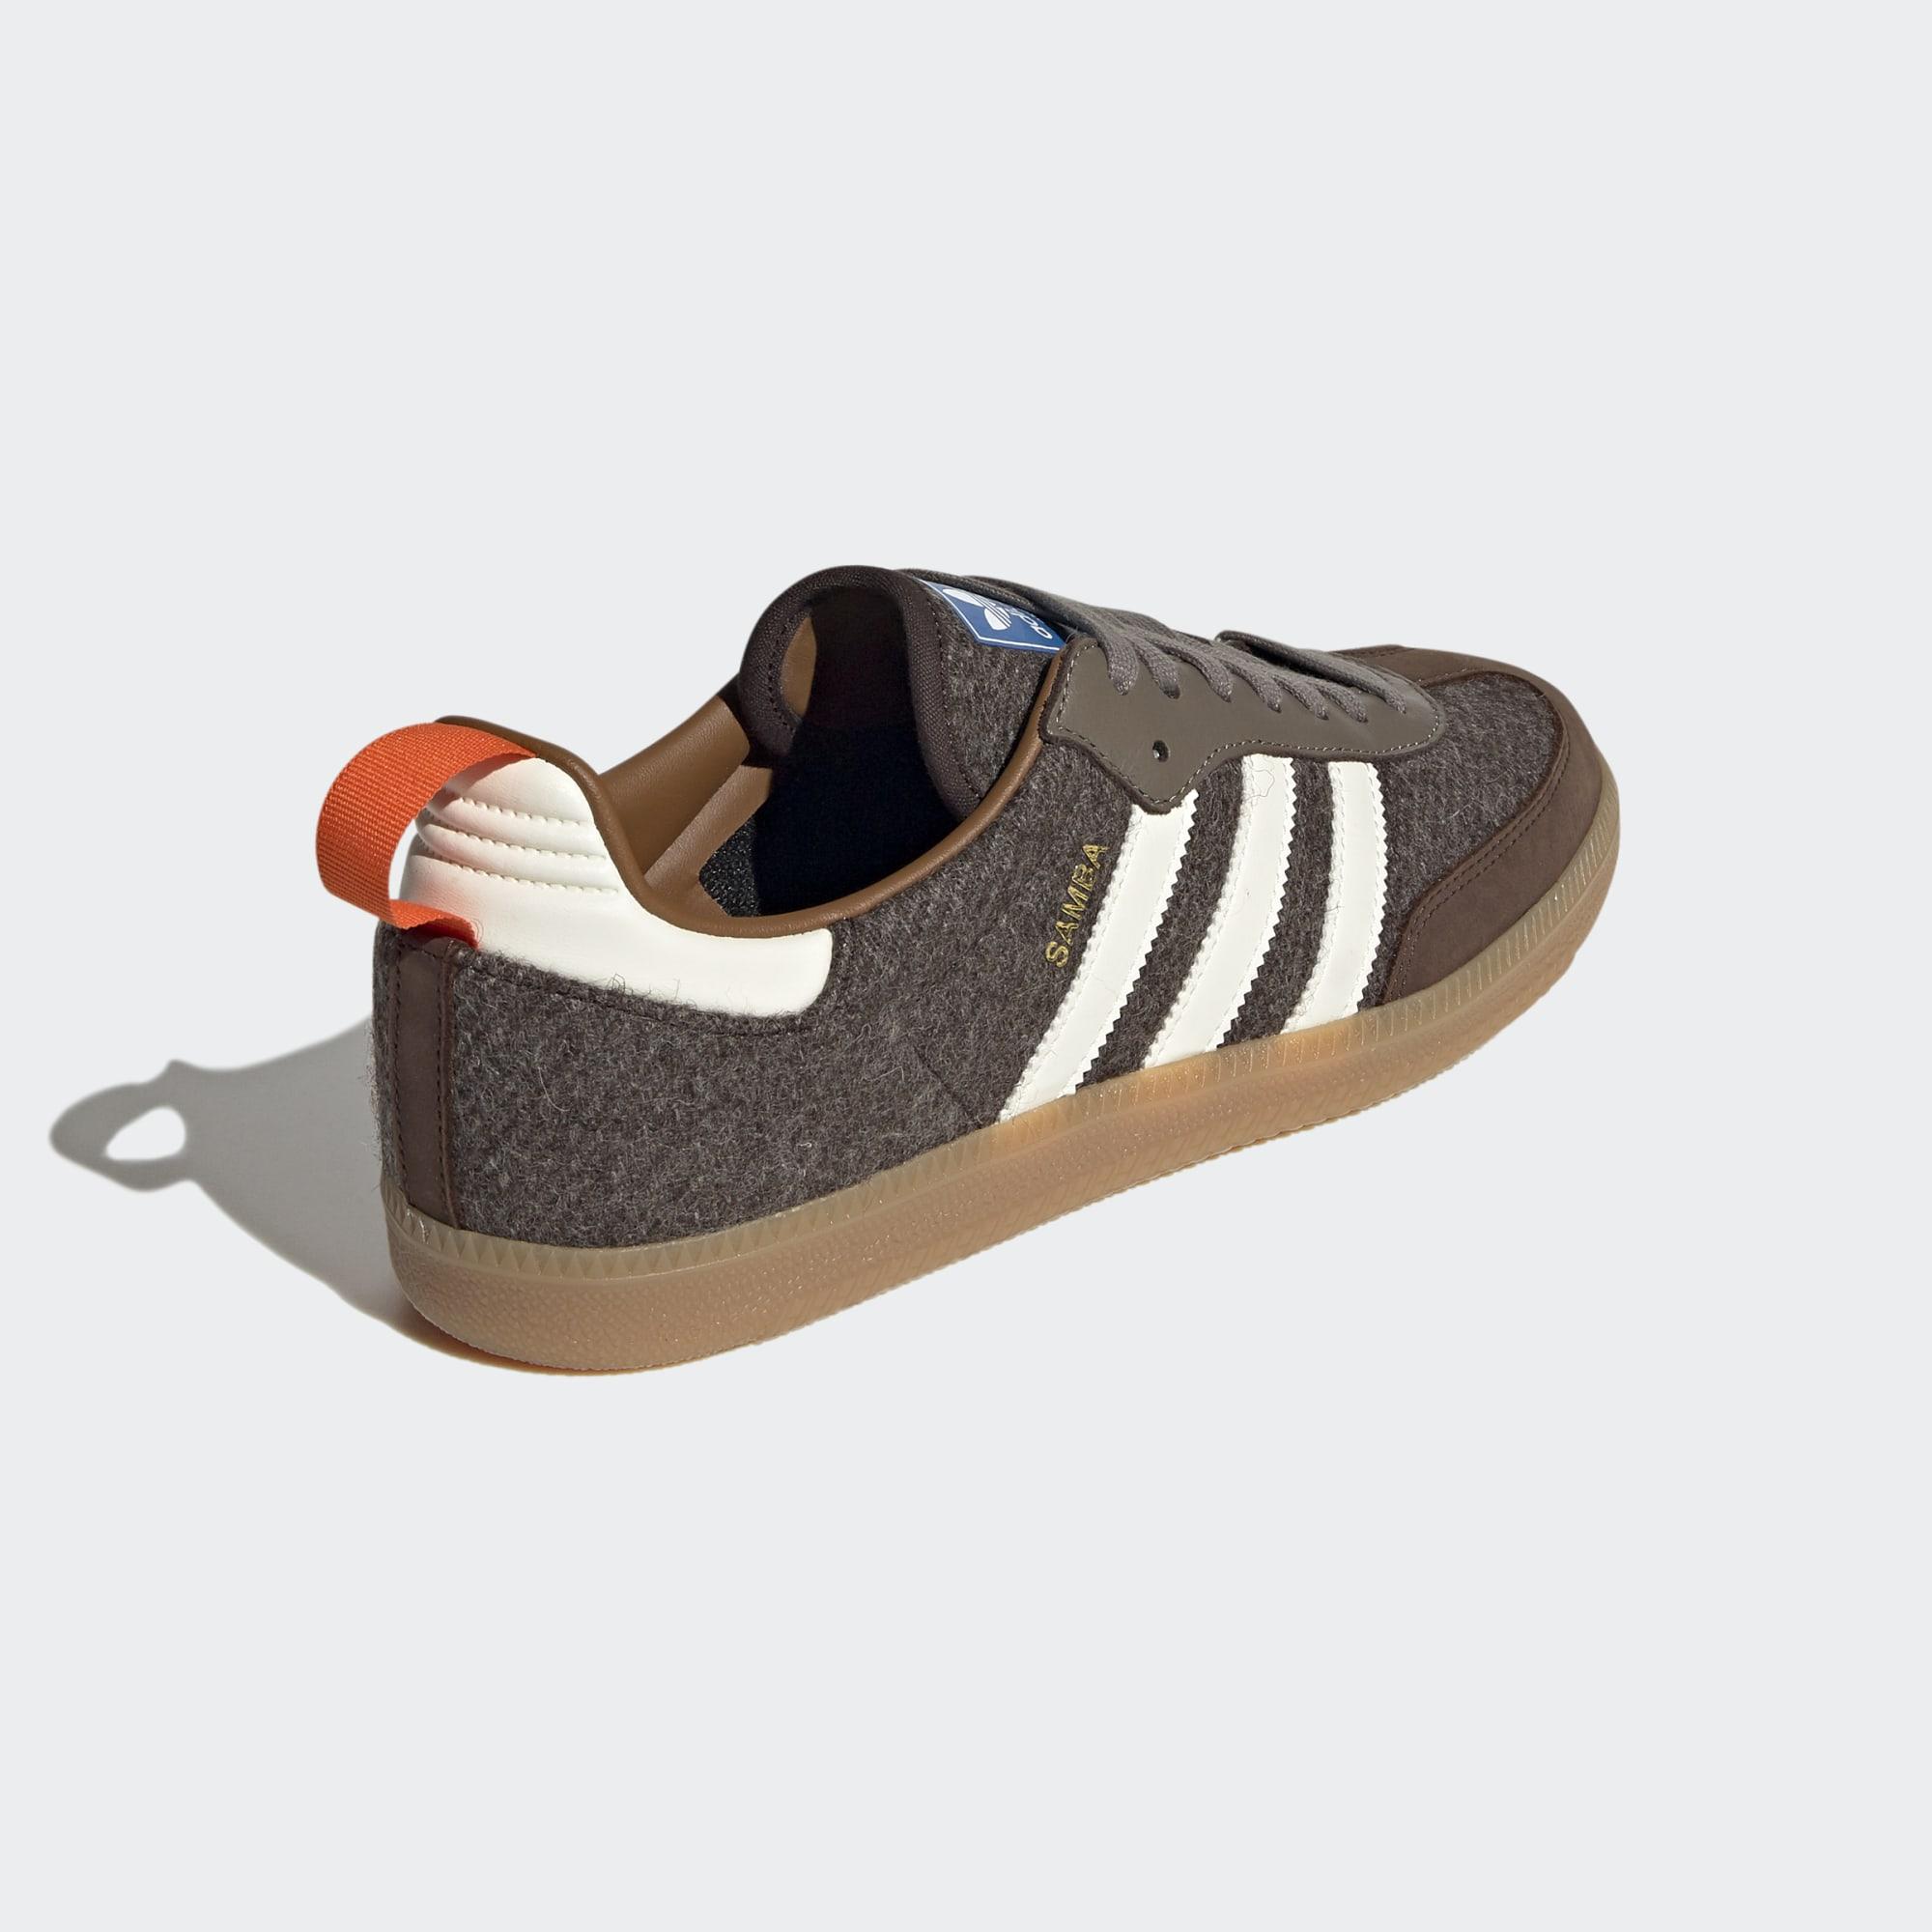 Samba_Fox_Shoes_Brown_H04942_05_standard.jpg